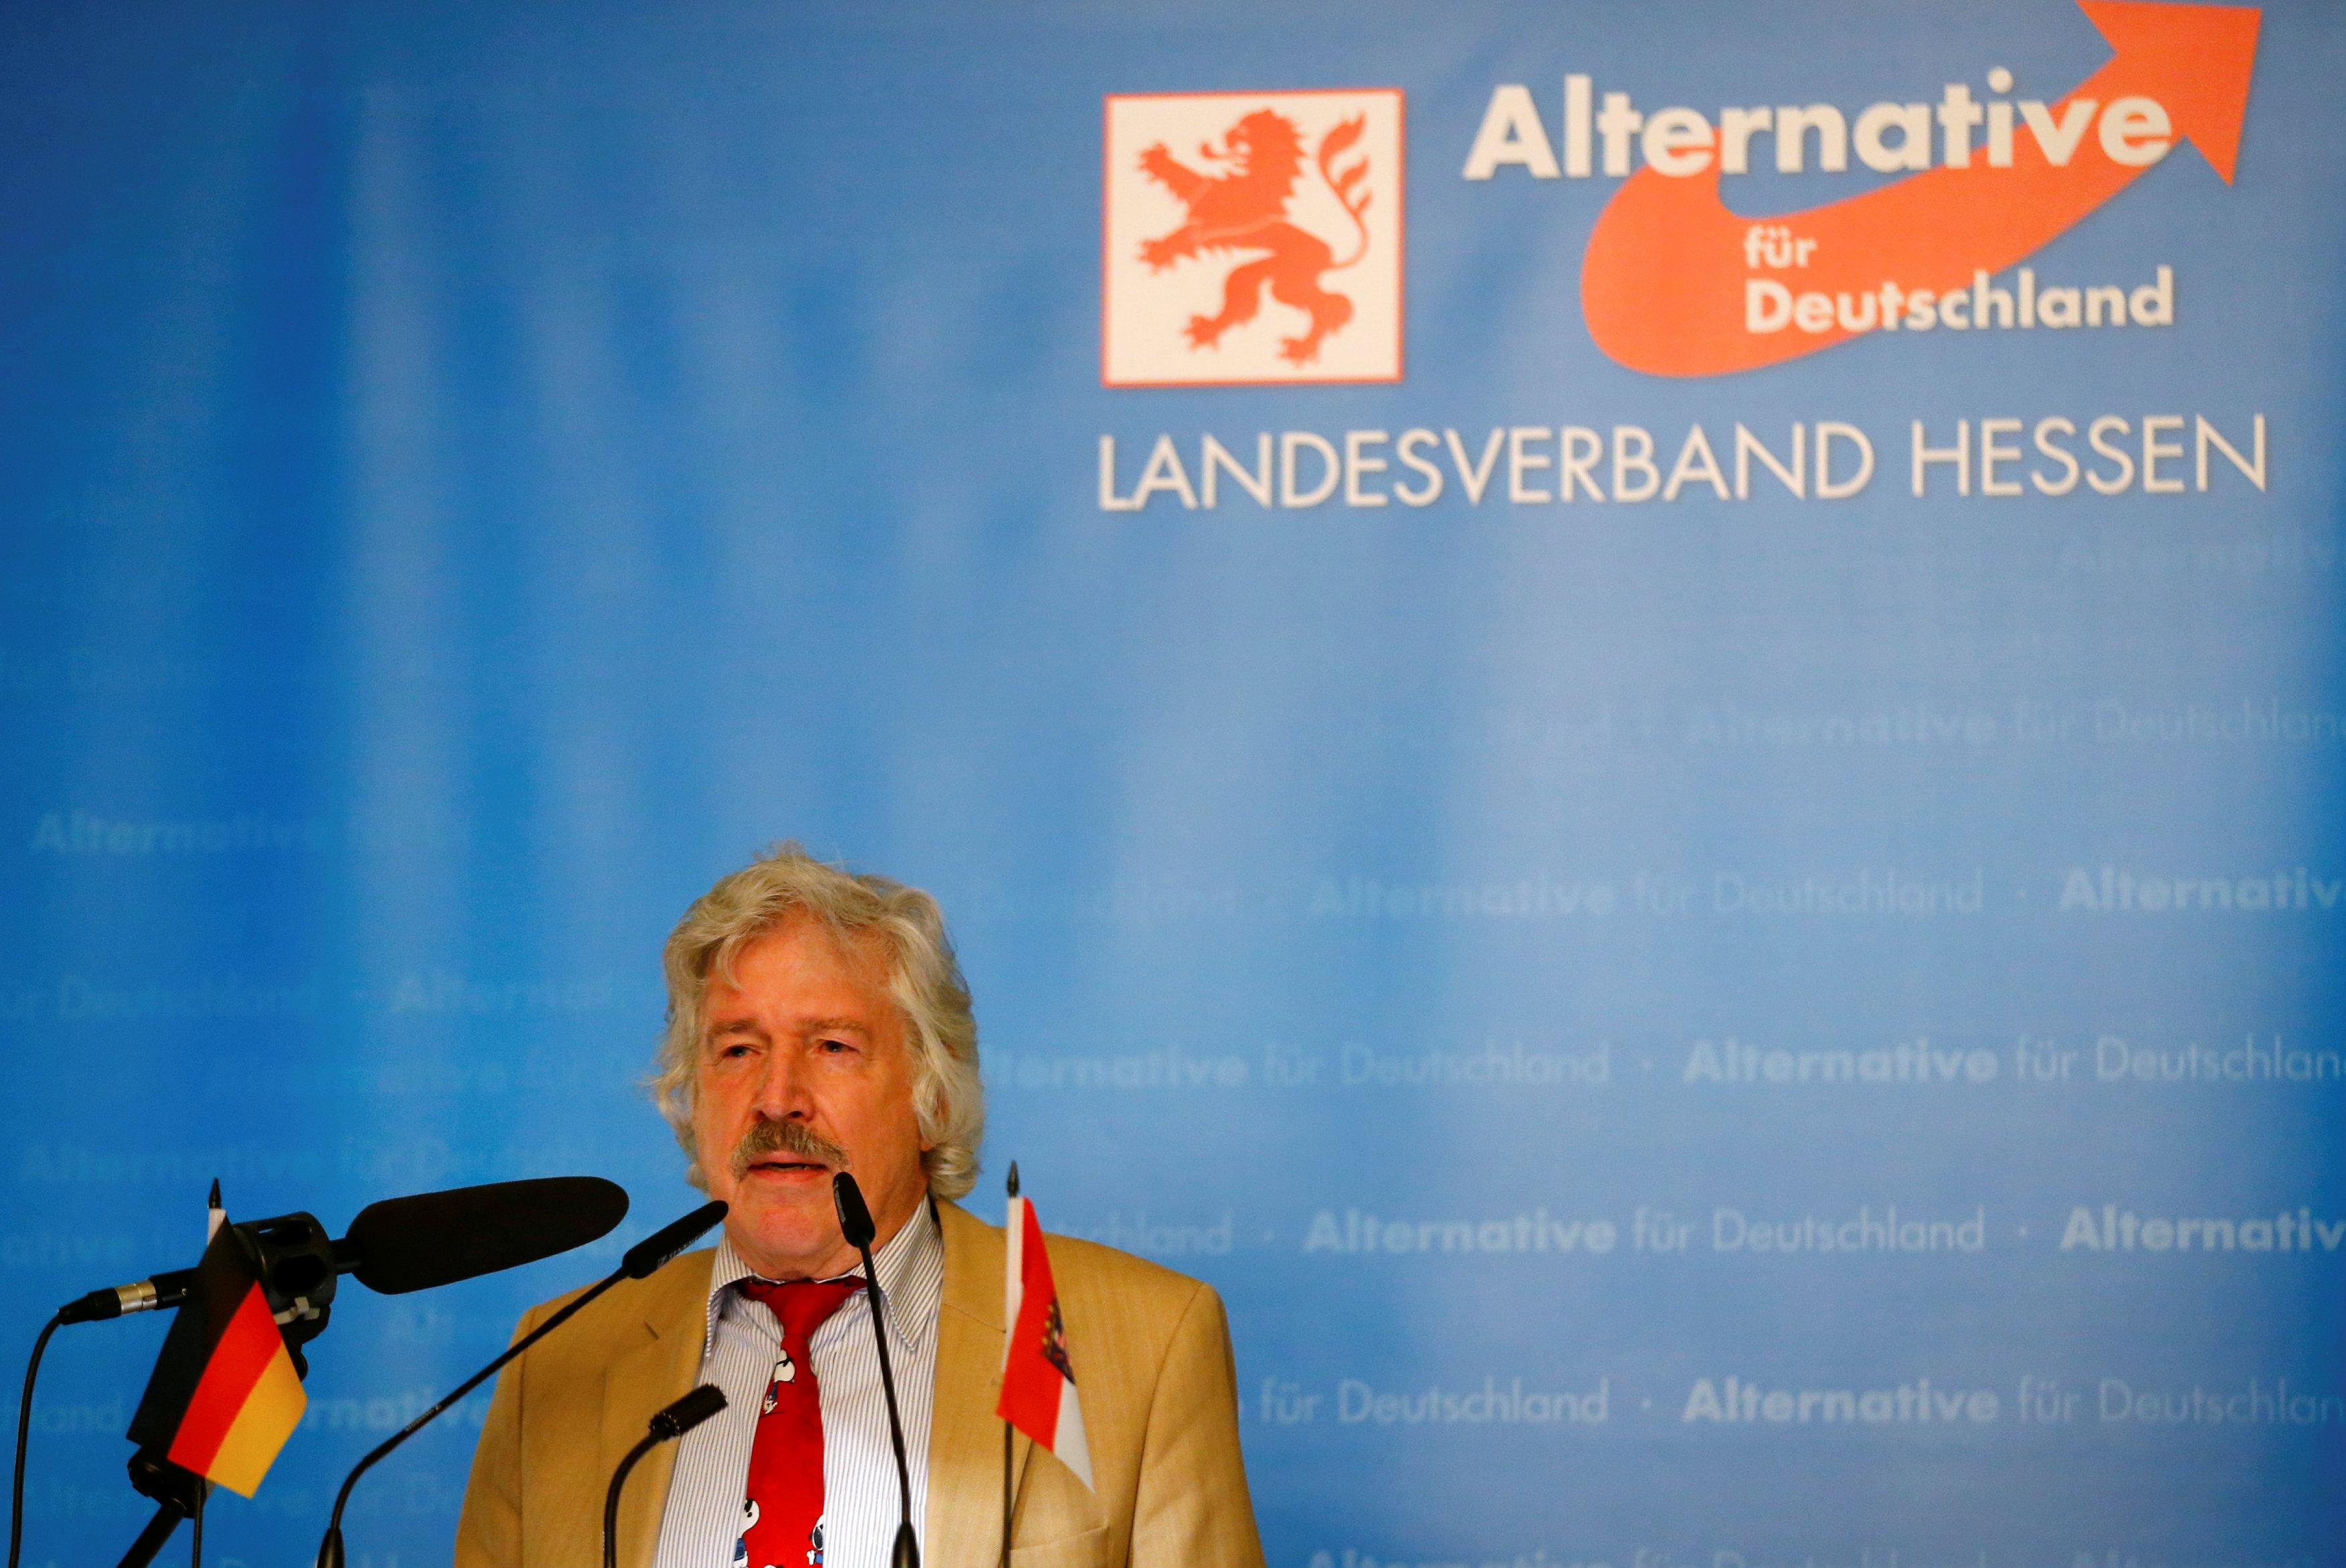 """Ультраправа євроскептична та антиімігрантська партія """"Альтернатива для Німеччини"""". Під час виборчої кампанії в Вісбадені / Фото REUTERS"""